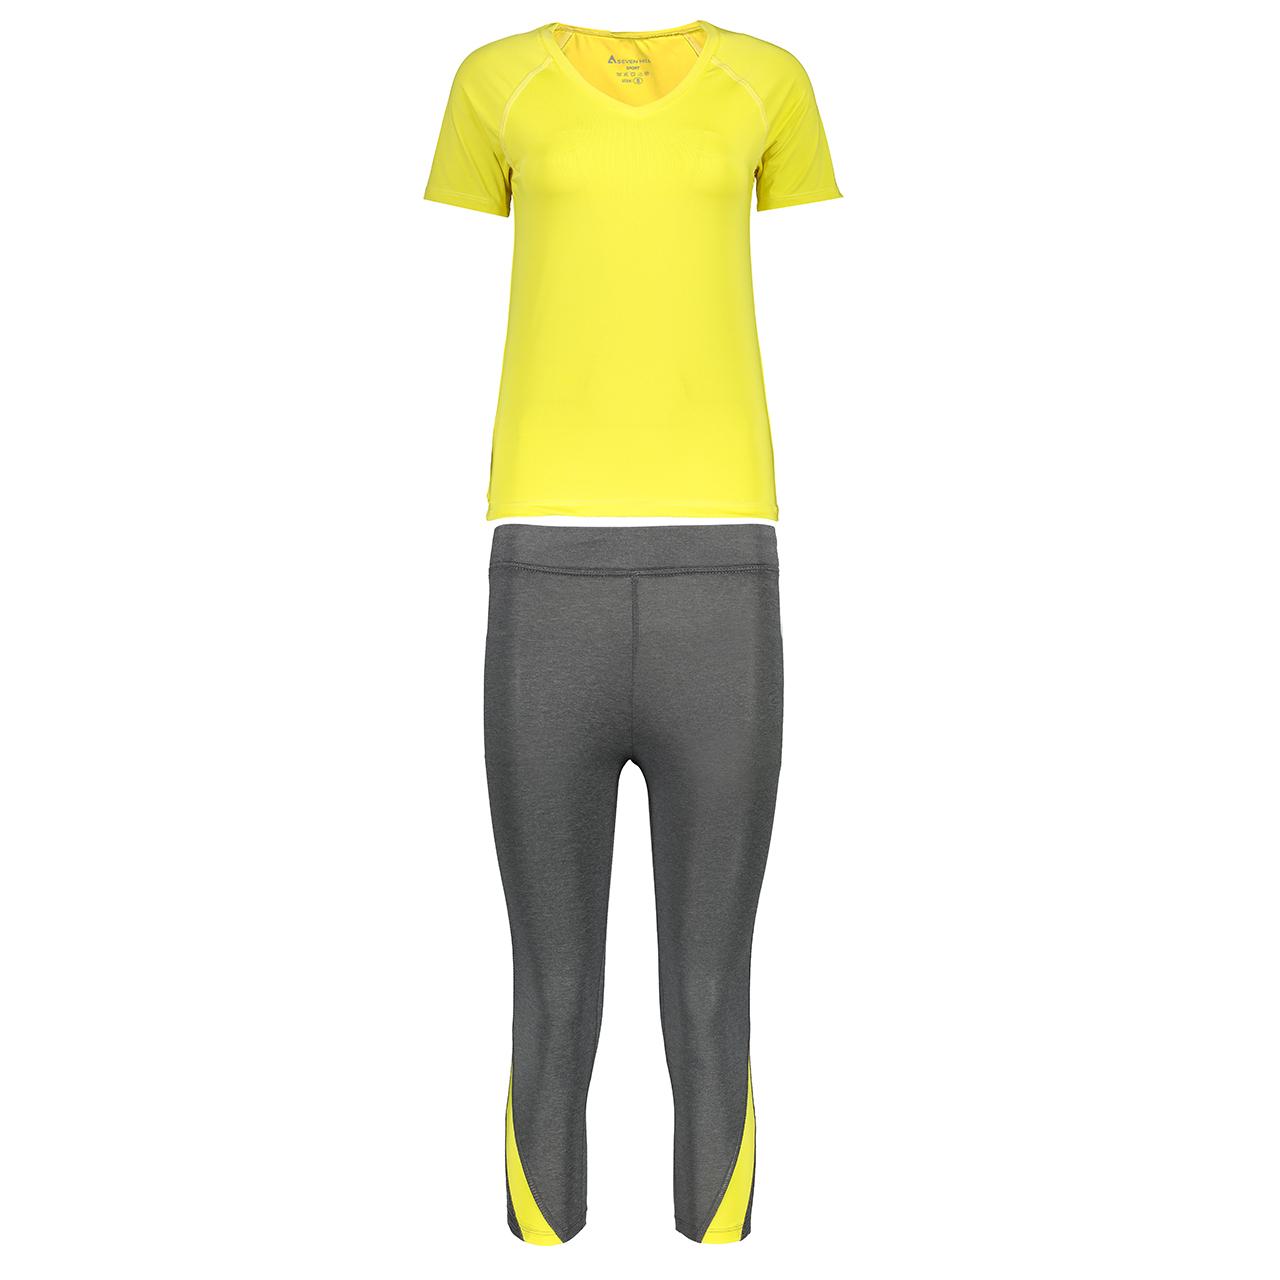 ست ورزشی زنانه سون هیل کد 560803  